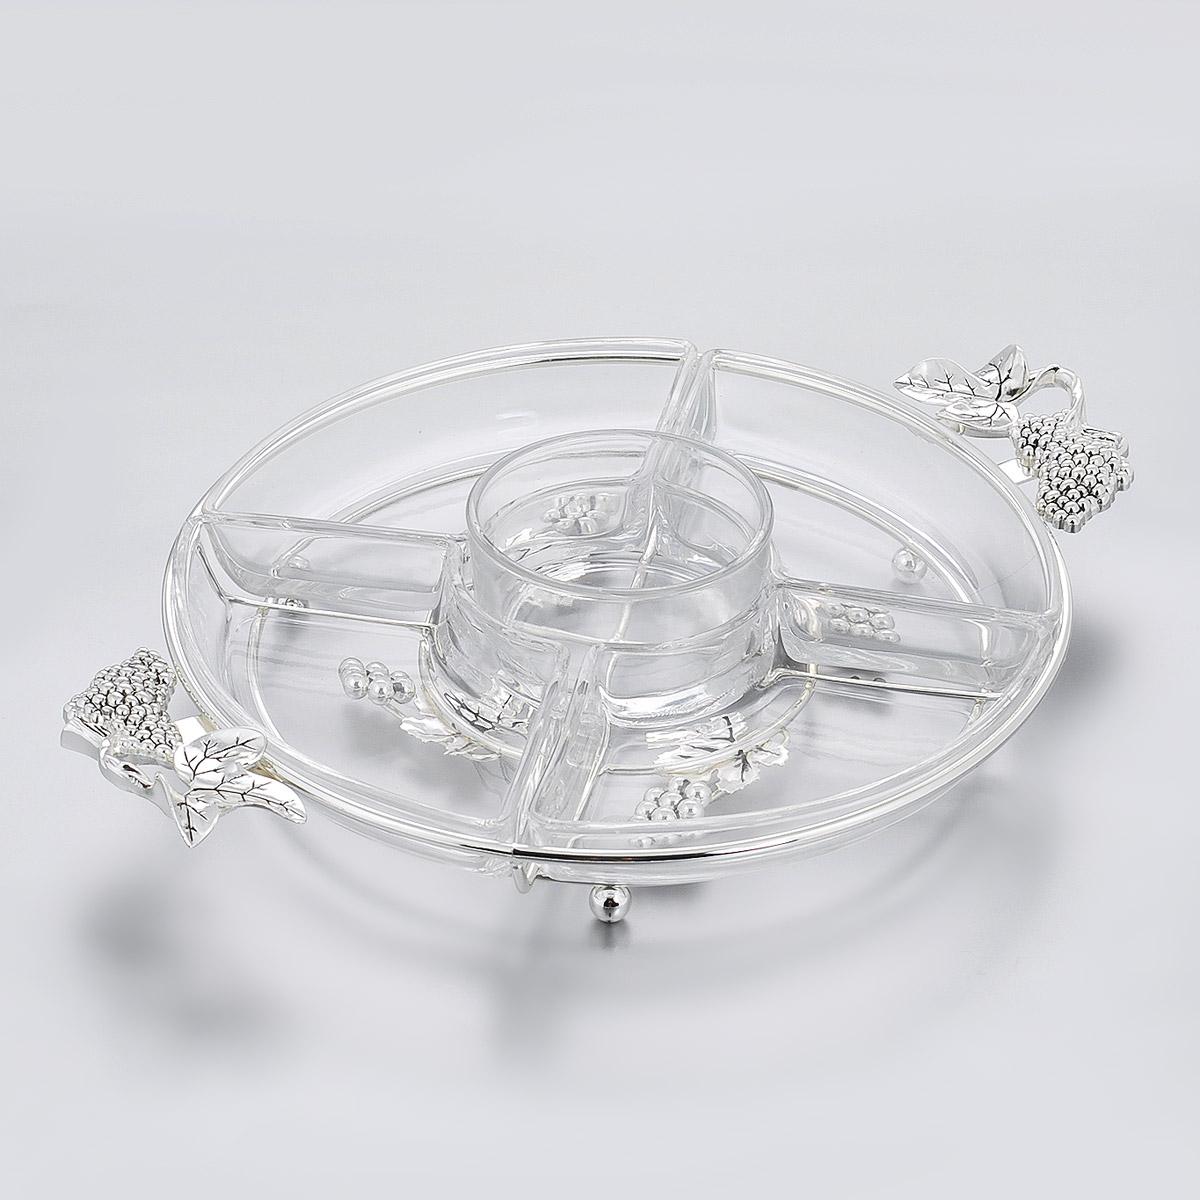 """Менажница """"Marquis"""" изготовлена из стали с серебряно-никелевым покрытием. Дно изделия и ручки оформлены рельефом в виде виноградных ягод и листьев. Менажница имеет 5 стеклянной емкостей: 4 емкости для различных блюд и закусок и одну круглую емкость для соуса, которая размещается в центре.  Некоторые блюда можно подавать только в менажнице, чтобы не произошло смешение вкусовых оттенков гарниров. Также менажница может быть использована в качестве посуды для нескольких видов салатов или закусок.  Менажница """"Marquis"""", выполненная классическом стиле, станет замечательной деталью сервировки и великолепным украшением праздничного стола.  Диаметр менажницы: 26,5 см.  Высота менажницы: 3,5 см."""